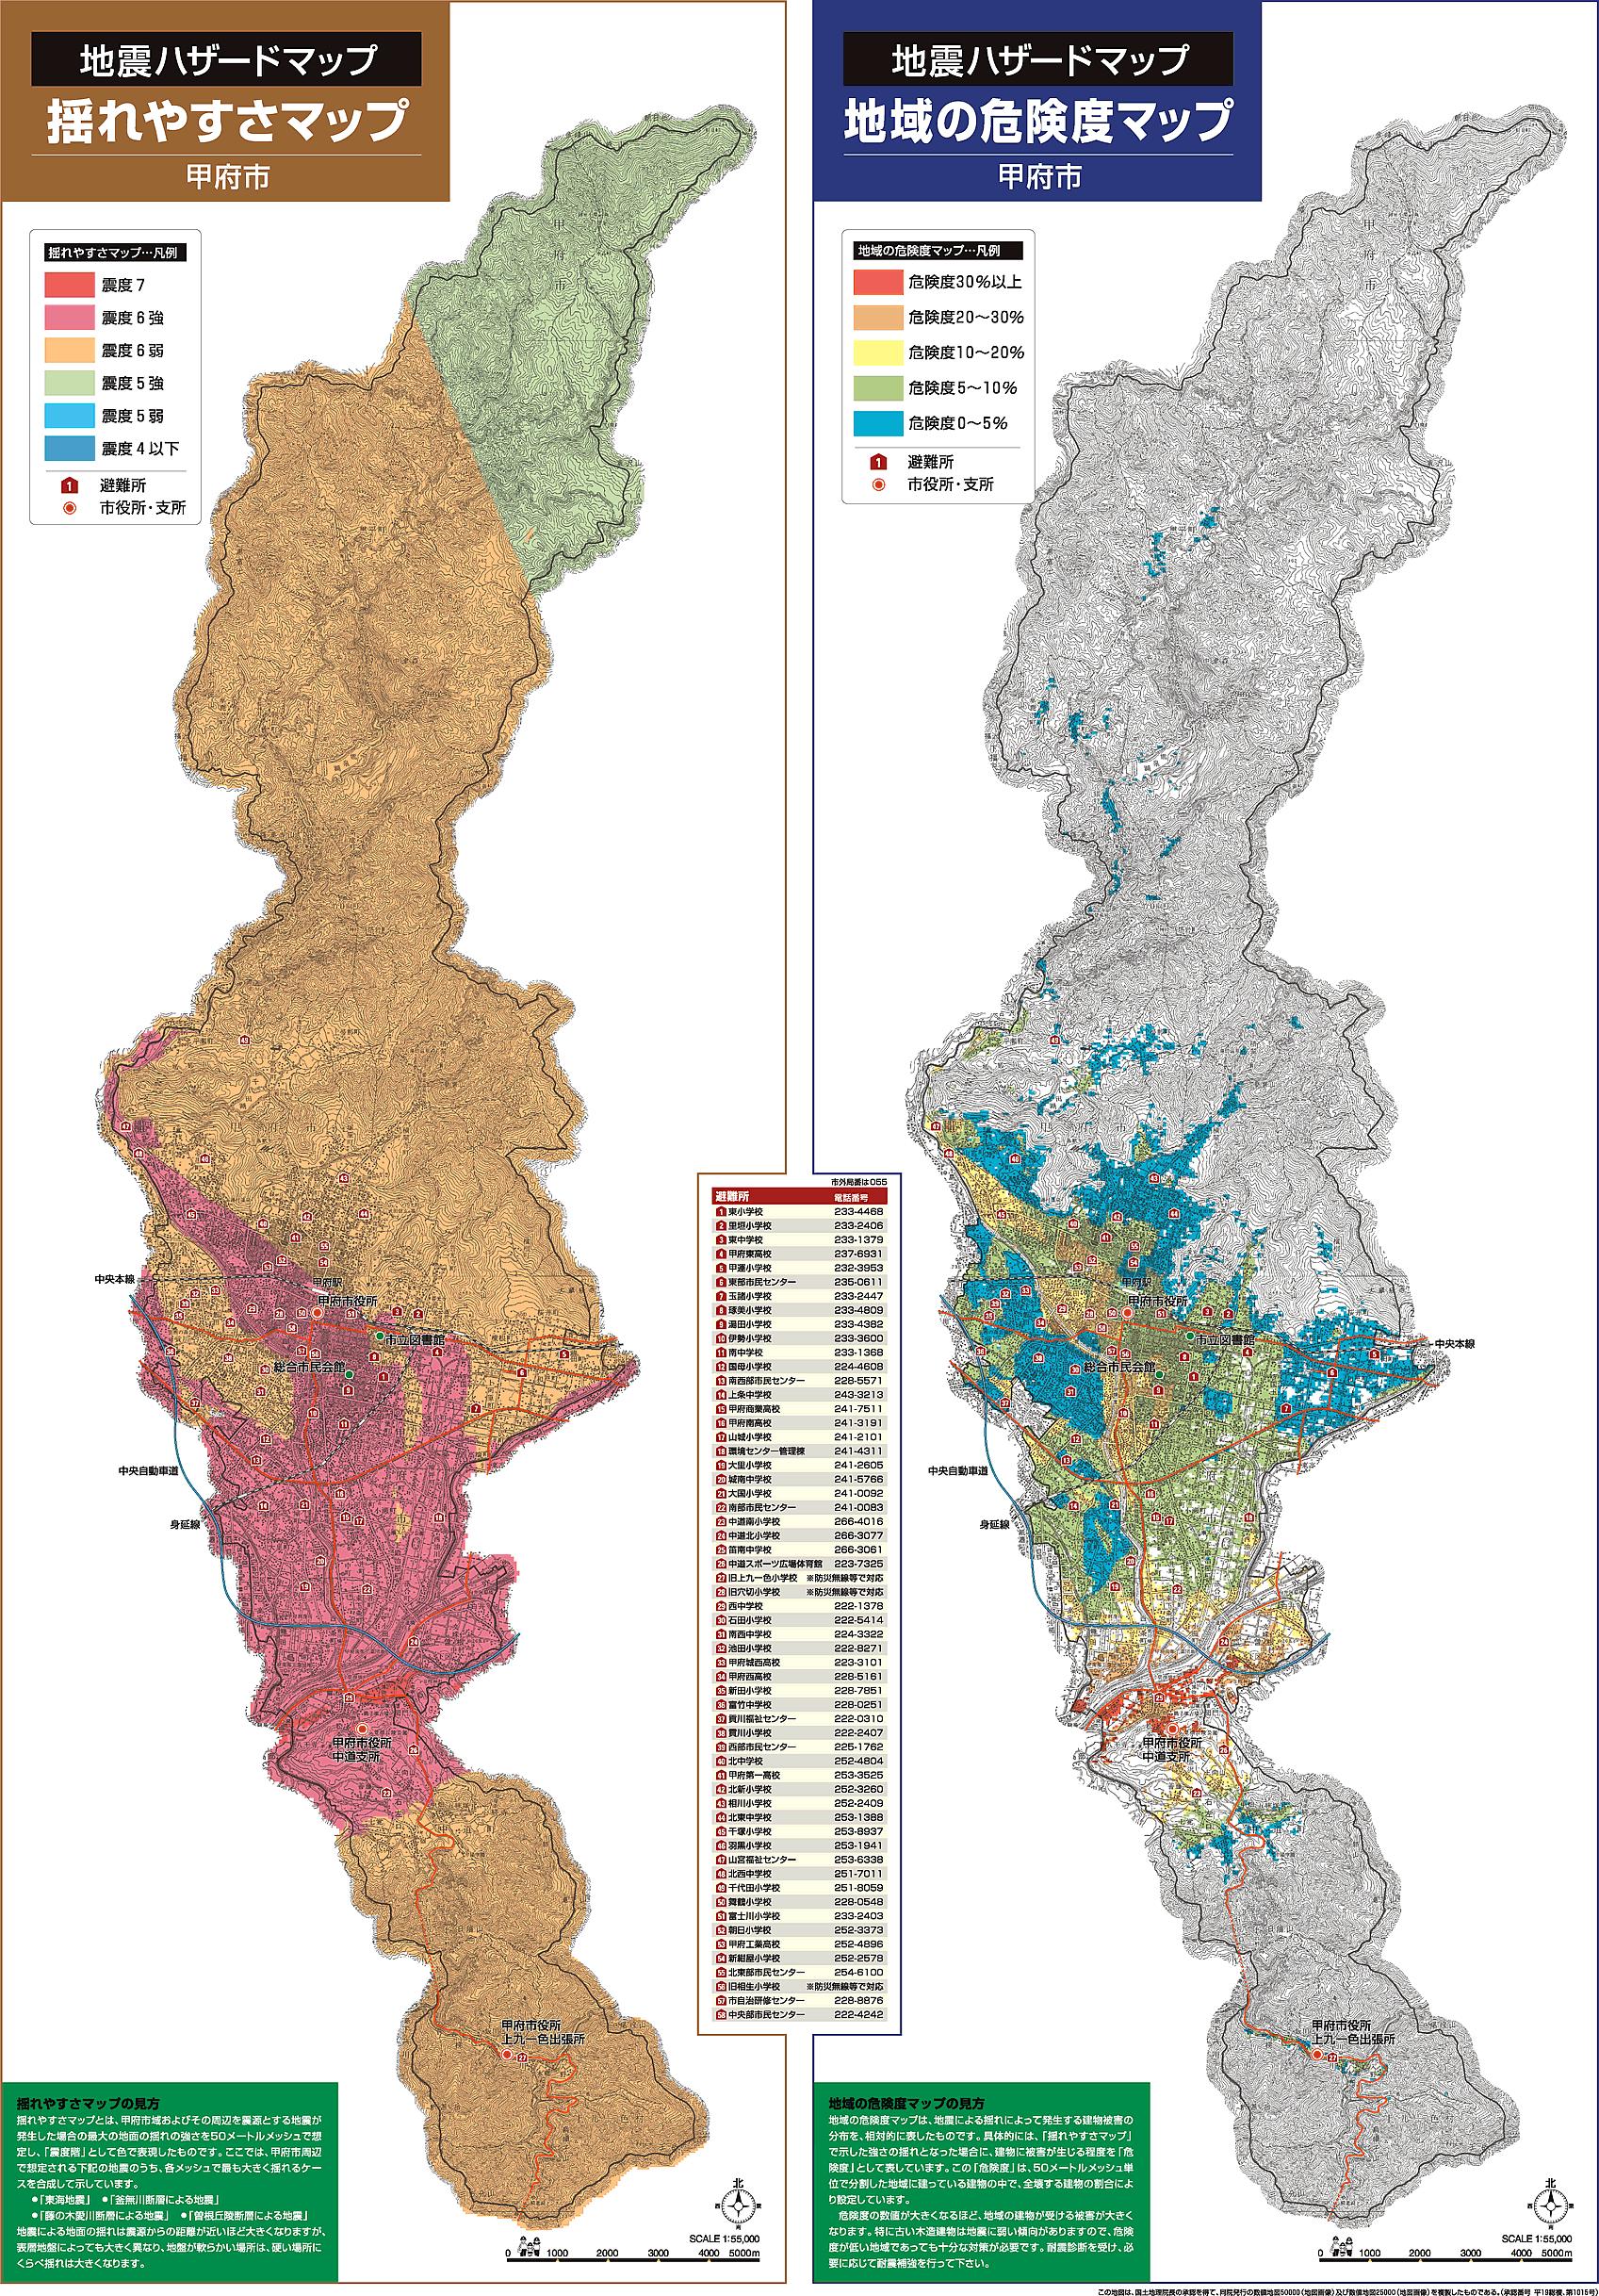 甲府市/地震ハザードマップ